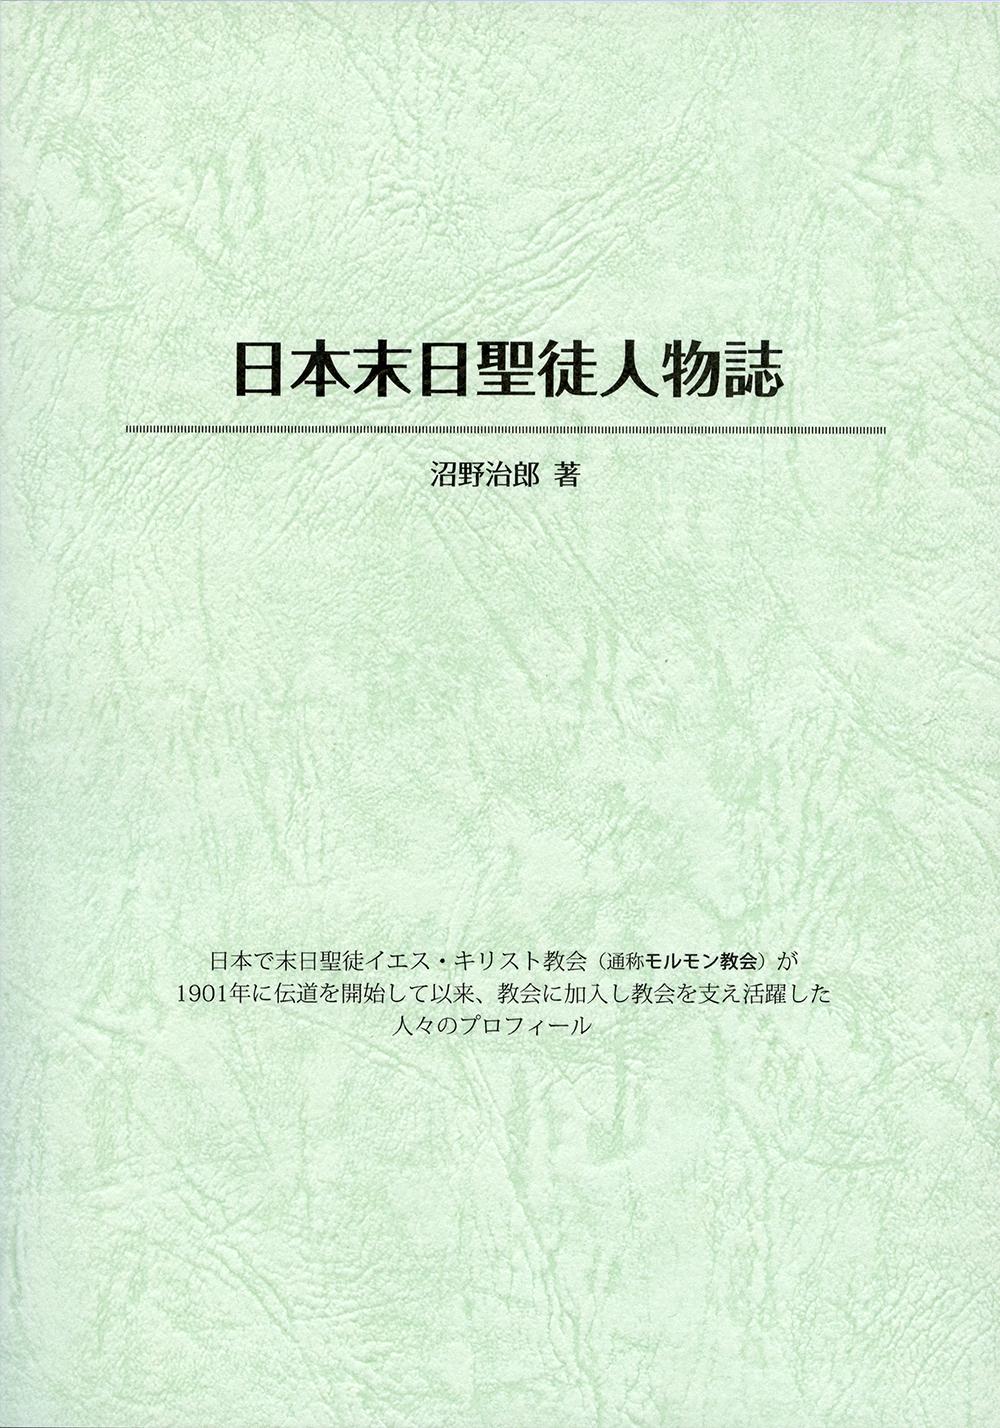 日本末日聖徒人物誌の表紙